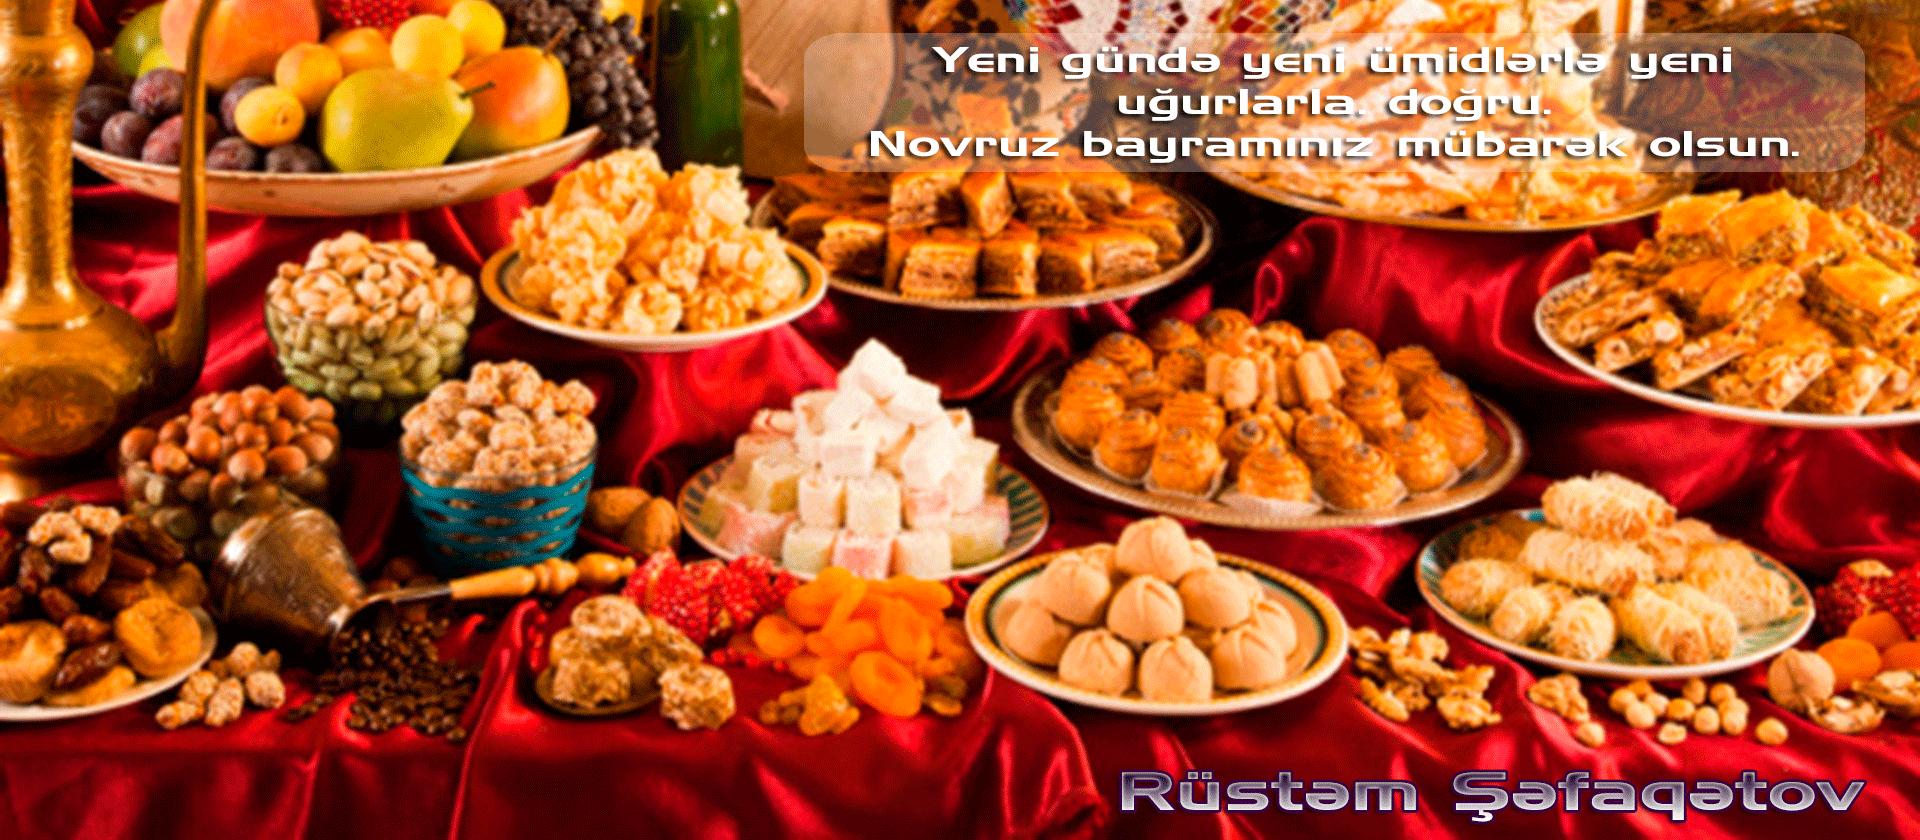 Rustəm Səfaqətov Azərbaycan Xalqini Novruz Bayrami Munasibəti Ilə Təbrik Etdi Food Breakfast